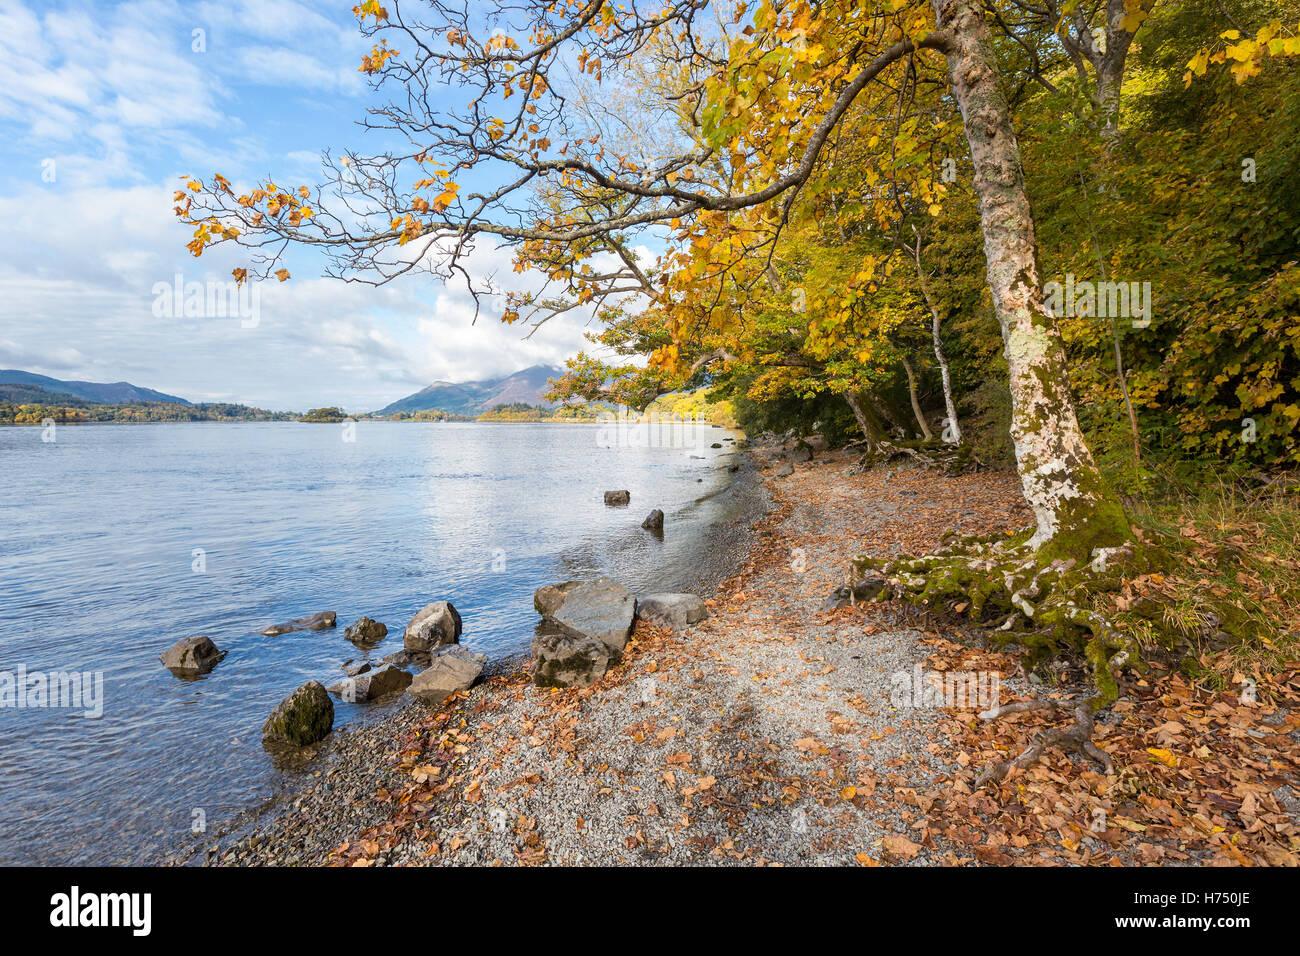 Herbstliche Bäume am Ufer des Derwent Water, ein beliebtes Touristenziel im englischen Lake District. Stockbild